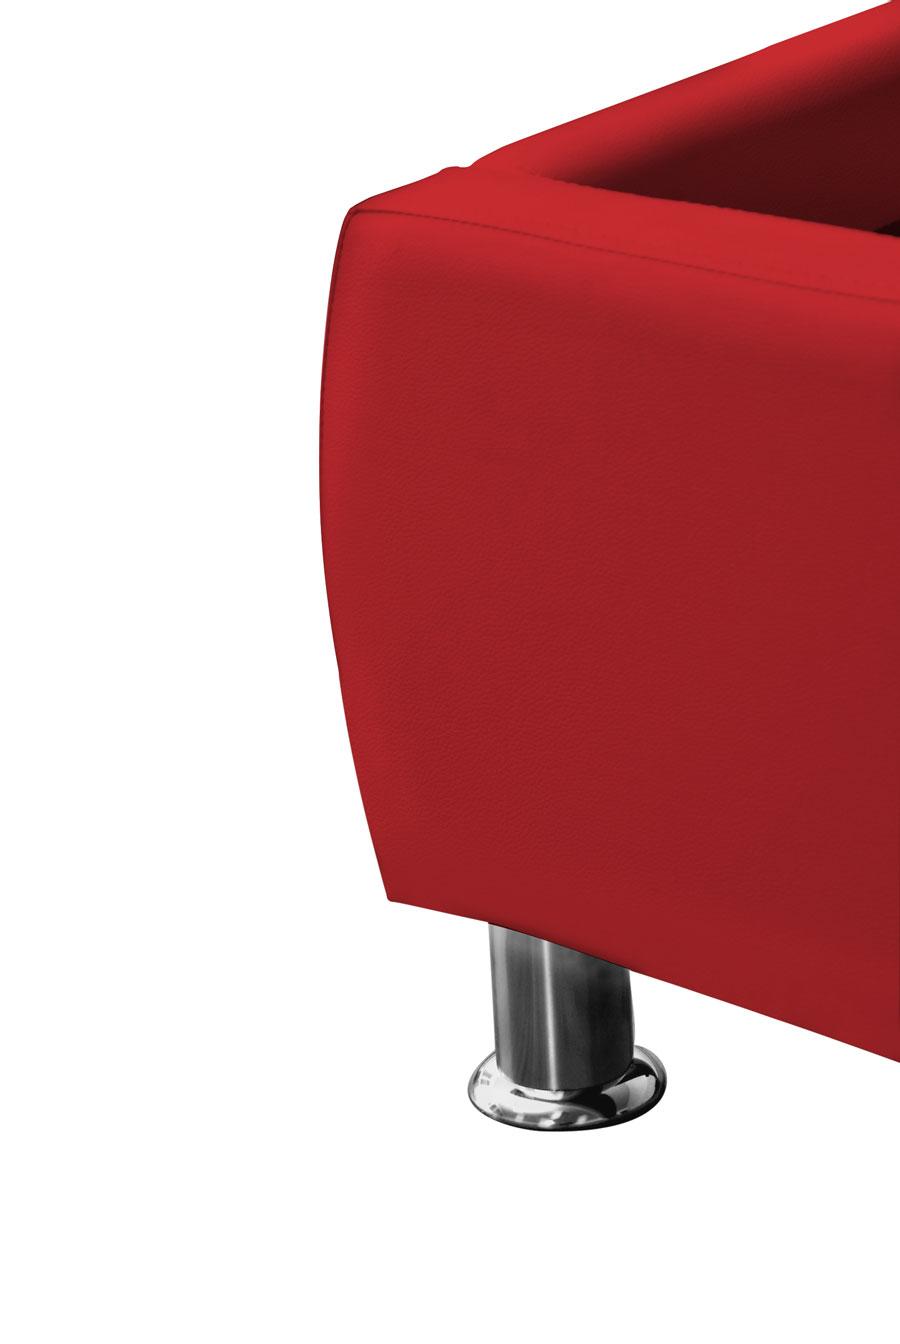 sam polsterbett 180x200 cm rot bettgestell g nstig zarah. Black Bedroom Furniture Sets. Home Design Ideas